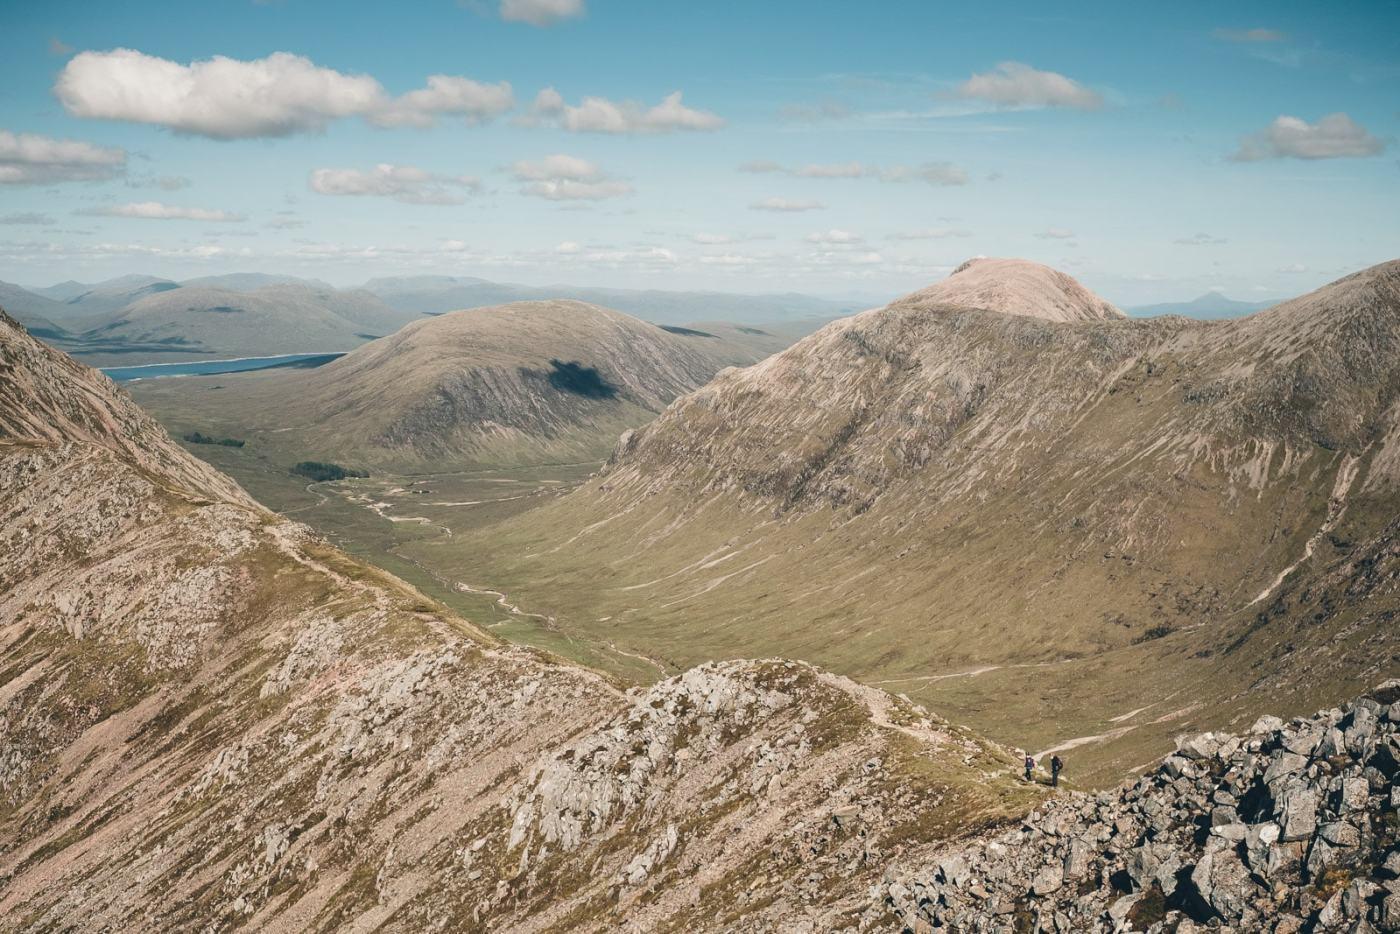 Scotland Glencoe Anna and Ali tiny hikers along ridge